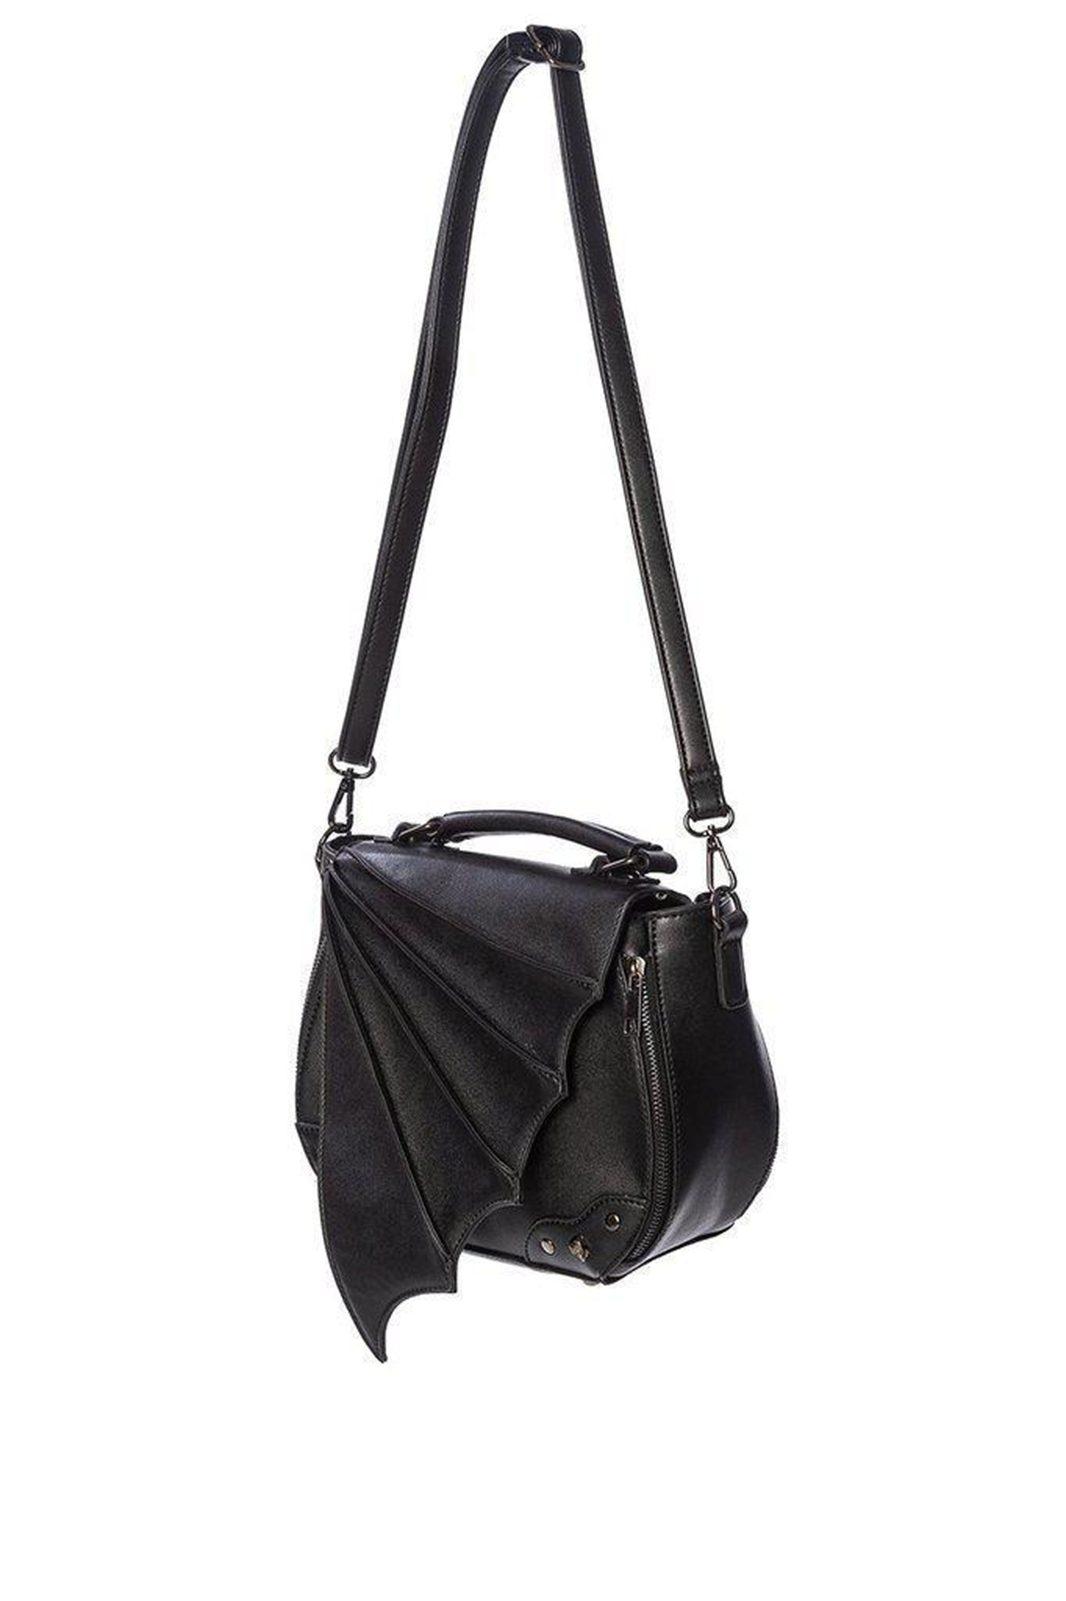 Gwendolyn Bag